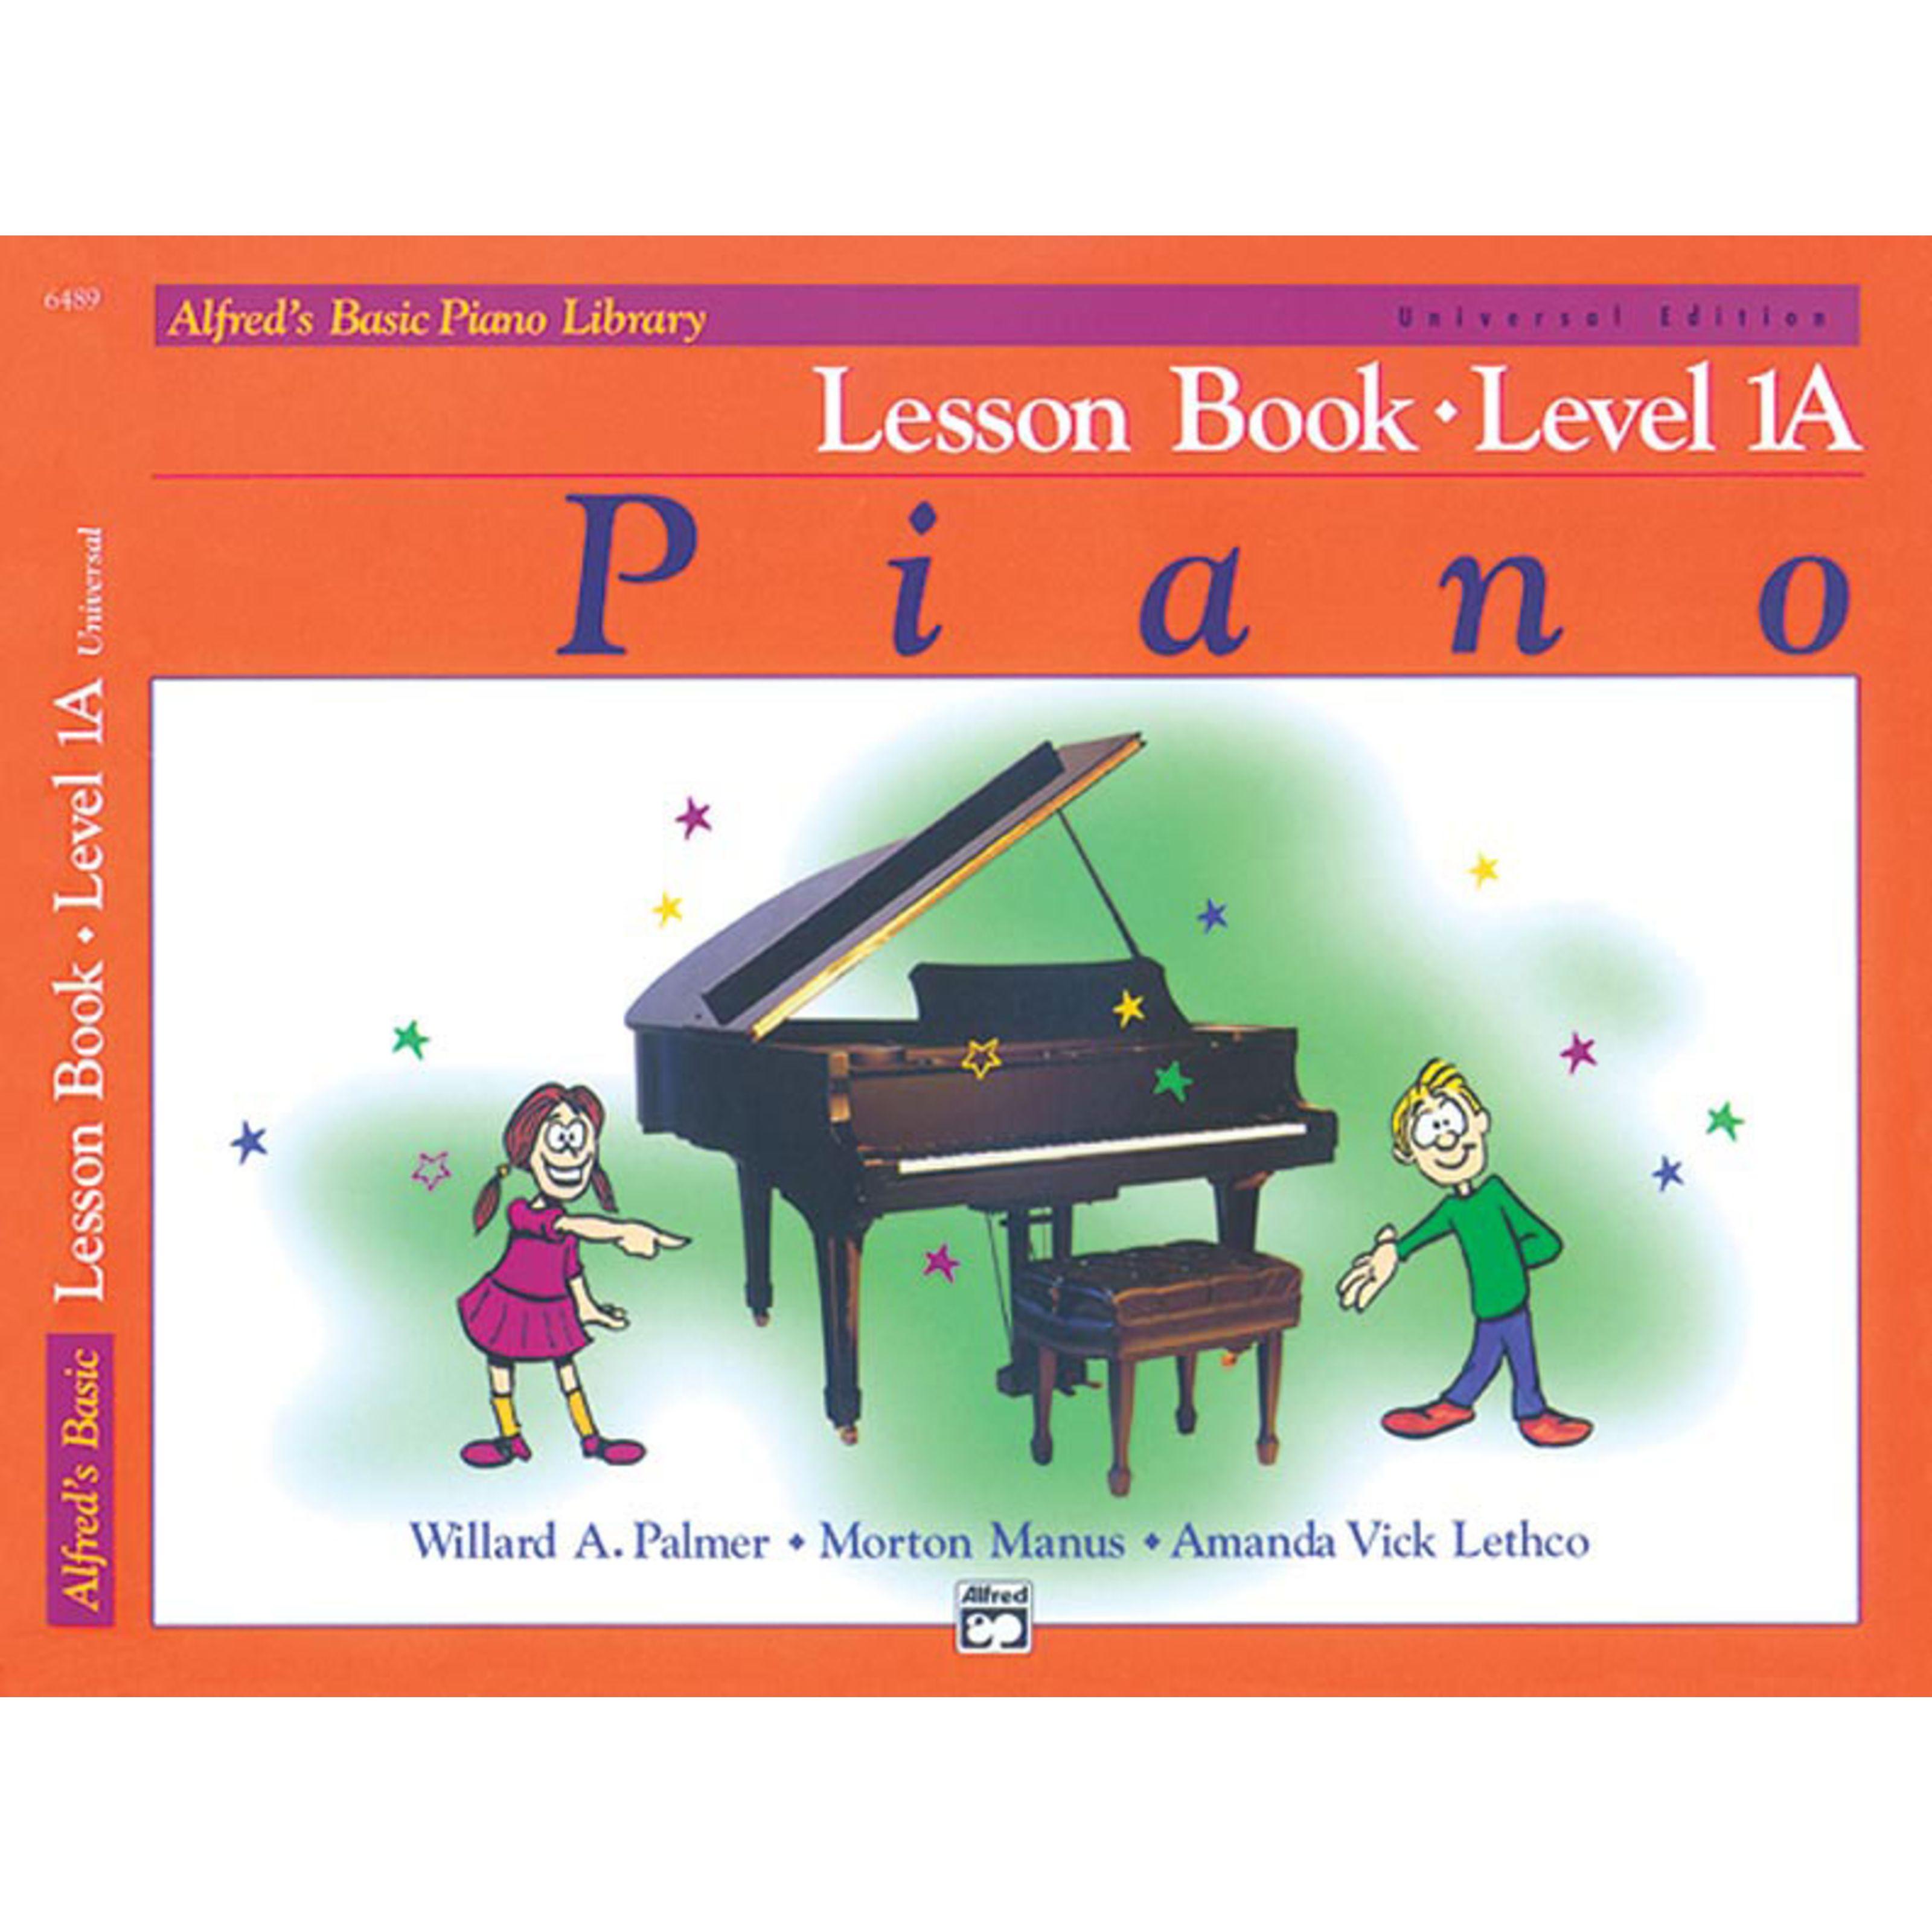 Alfred Music - Basic Piano Lesson Book 1A Piano Solo 00-6489